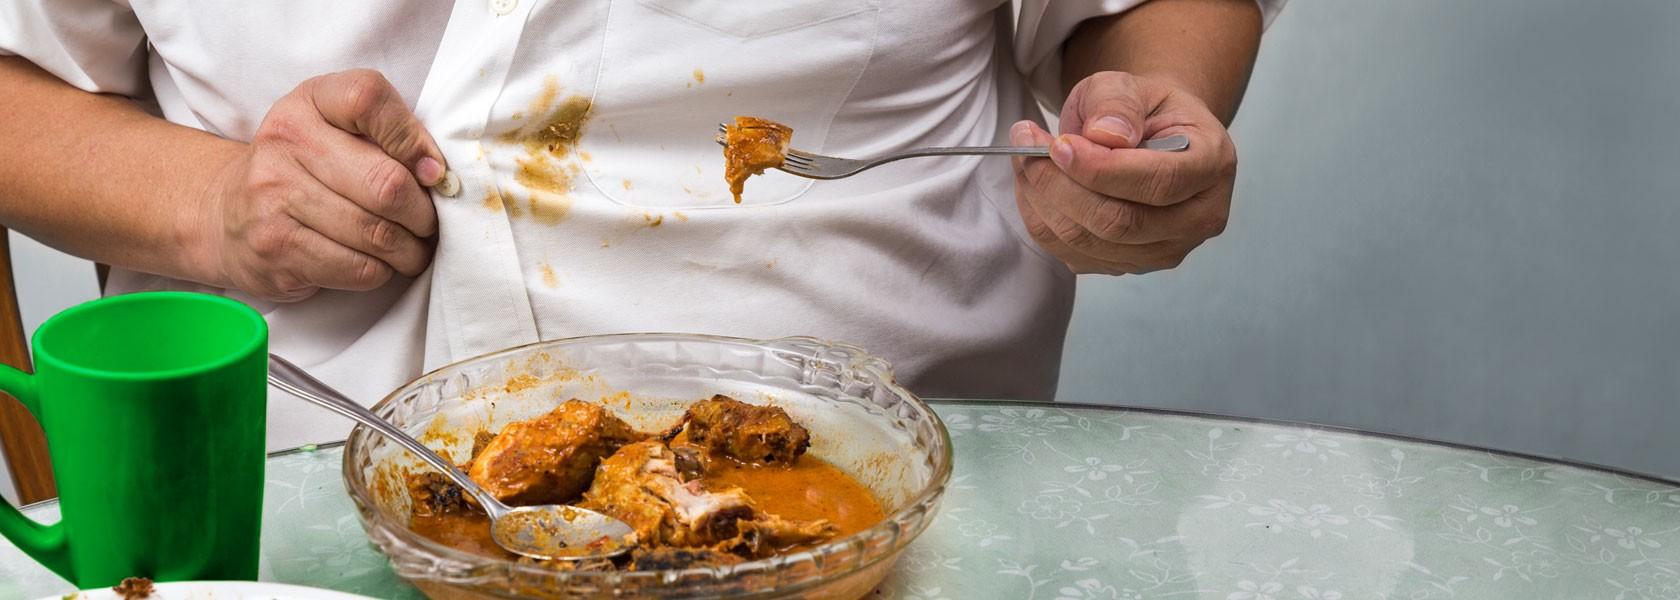 Mehrere Kochlöffel voll mit unterschiedlichen Gewürzen wie Curry liegen hübsch drappiert auf einem runden Tablett aus Marmor.